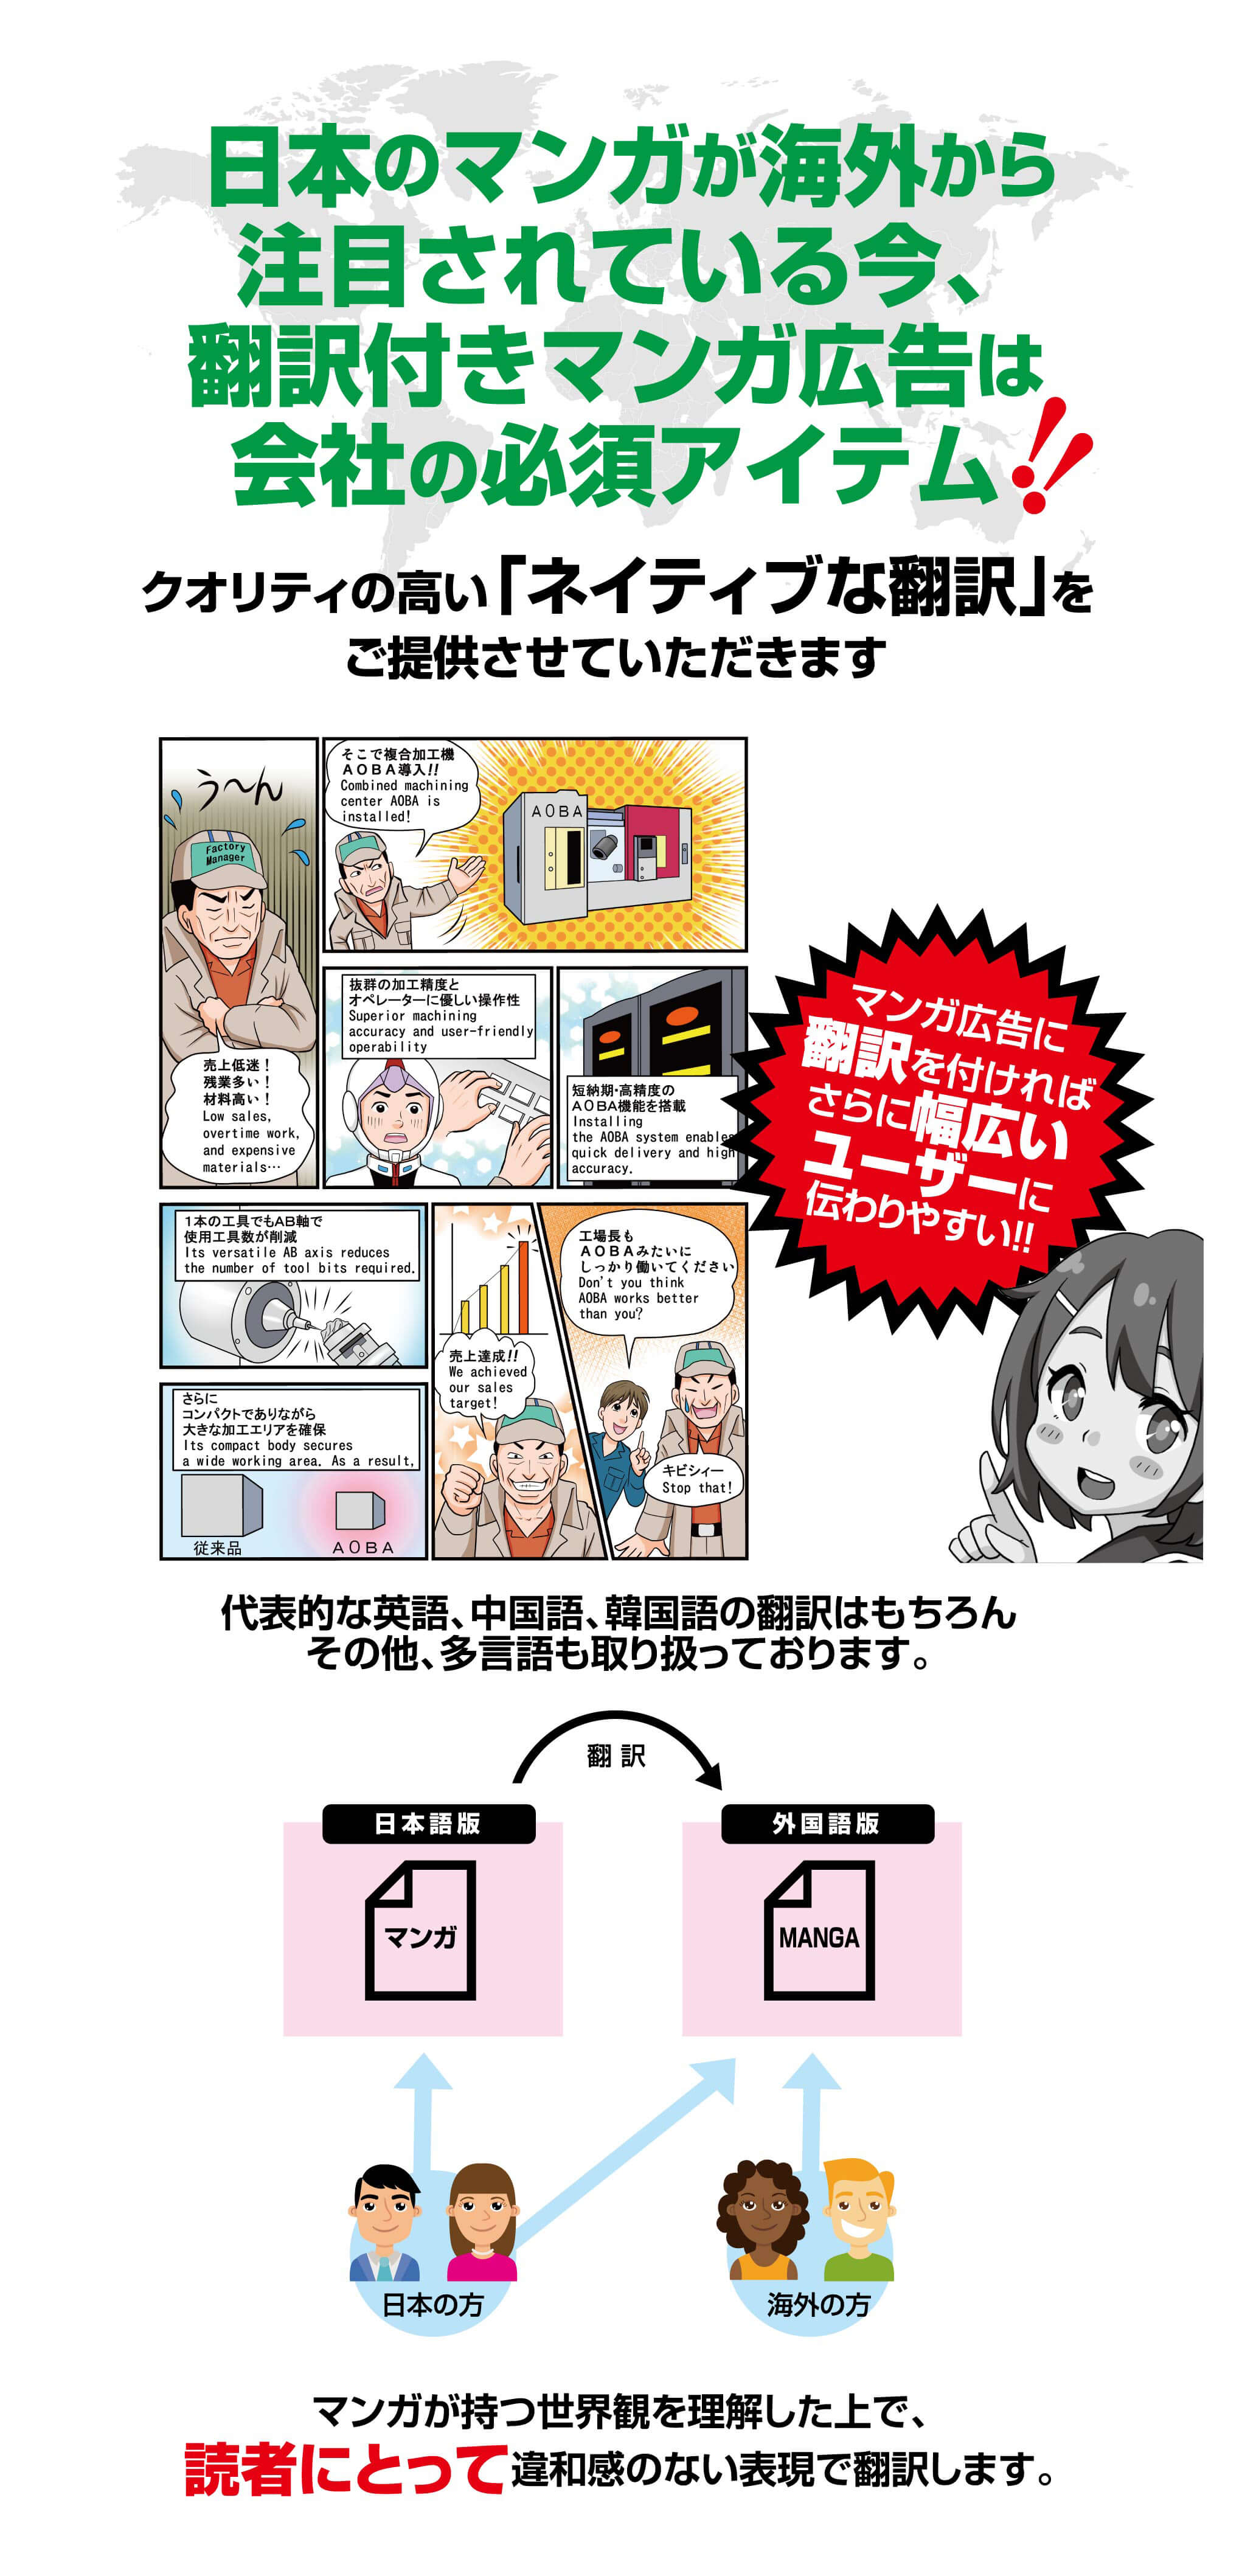 クオリティの高い、翻訳付き漫画作成します!